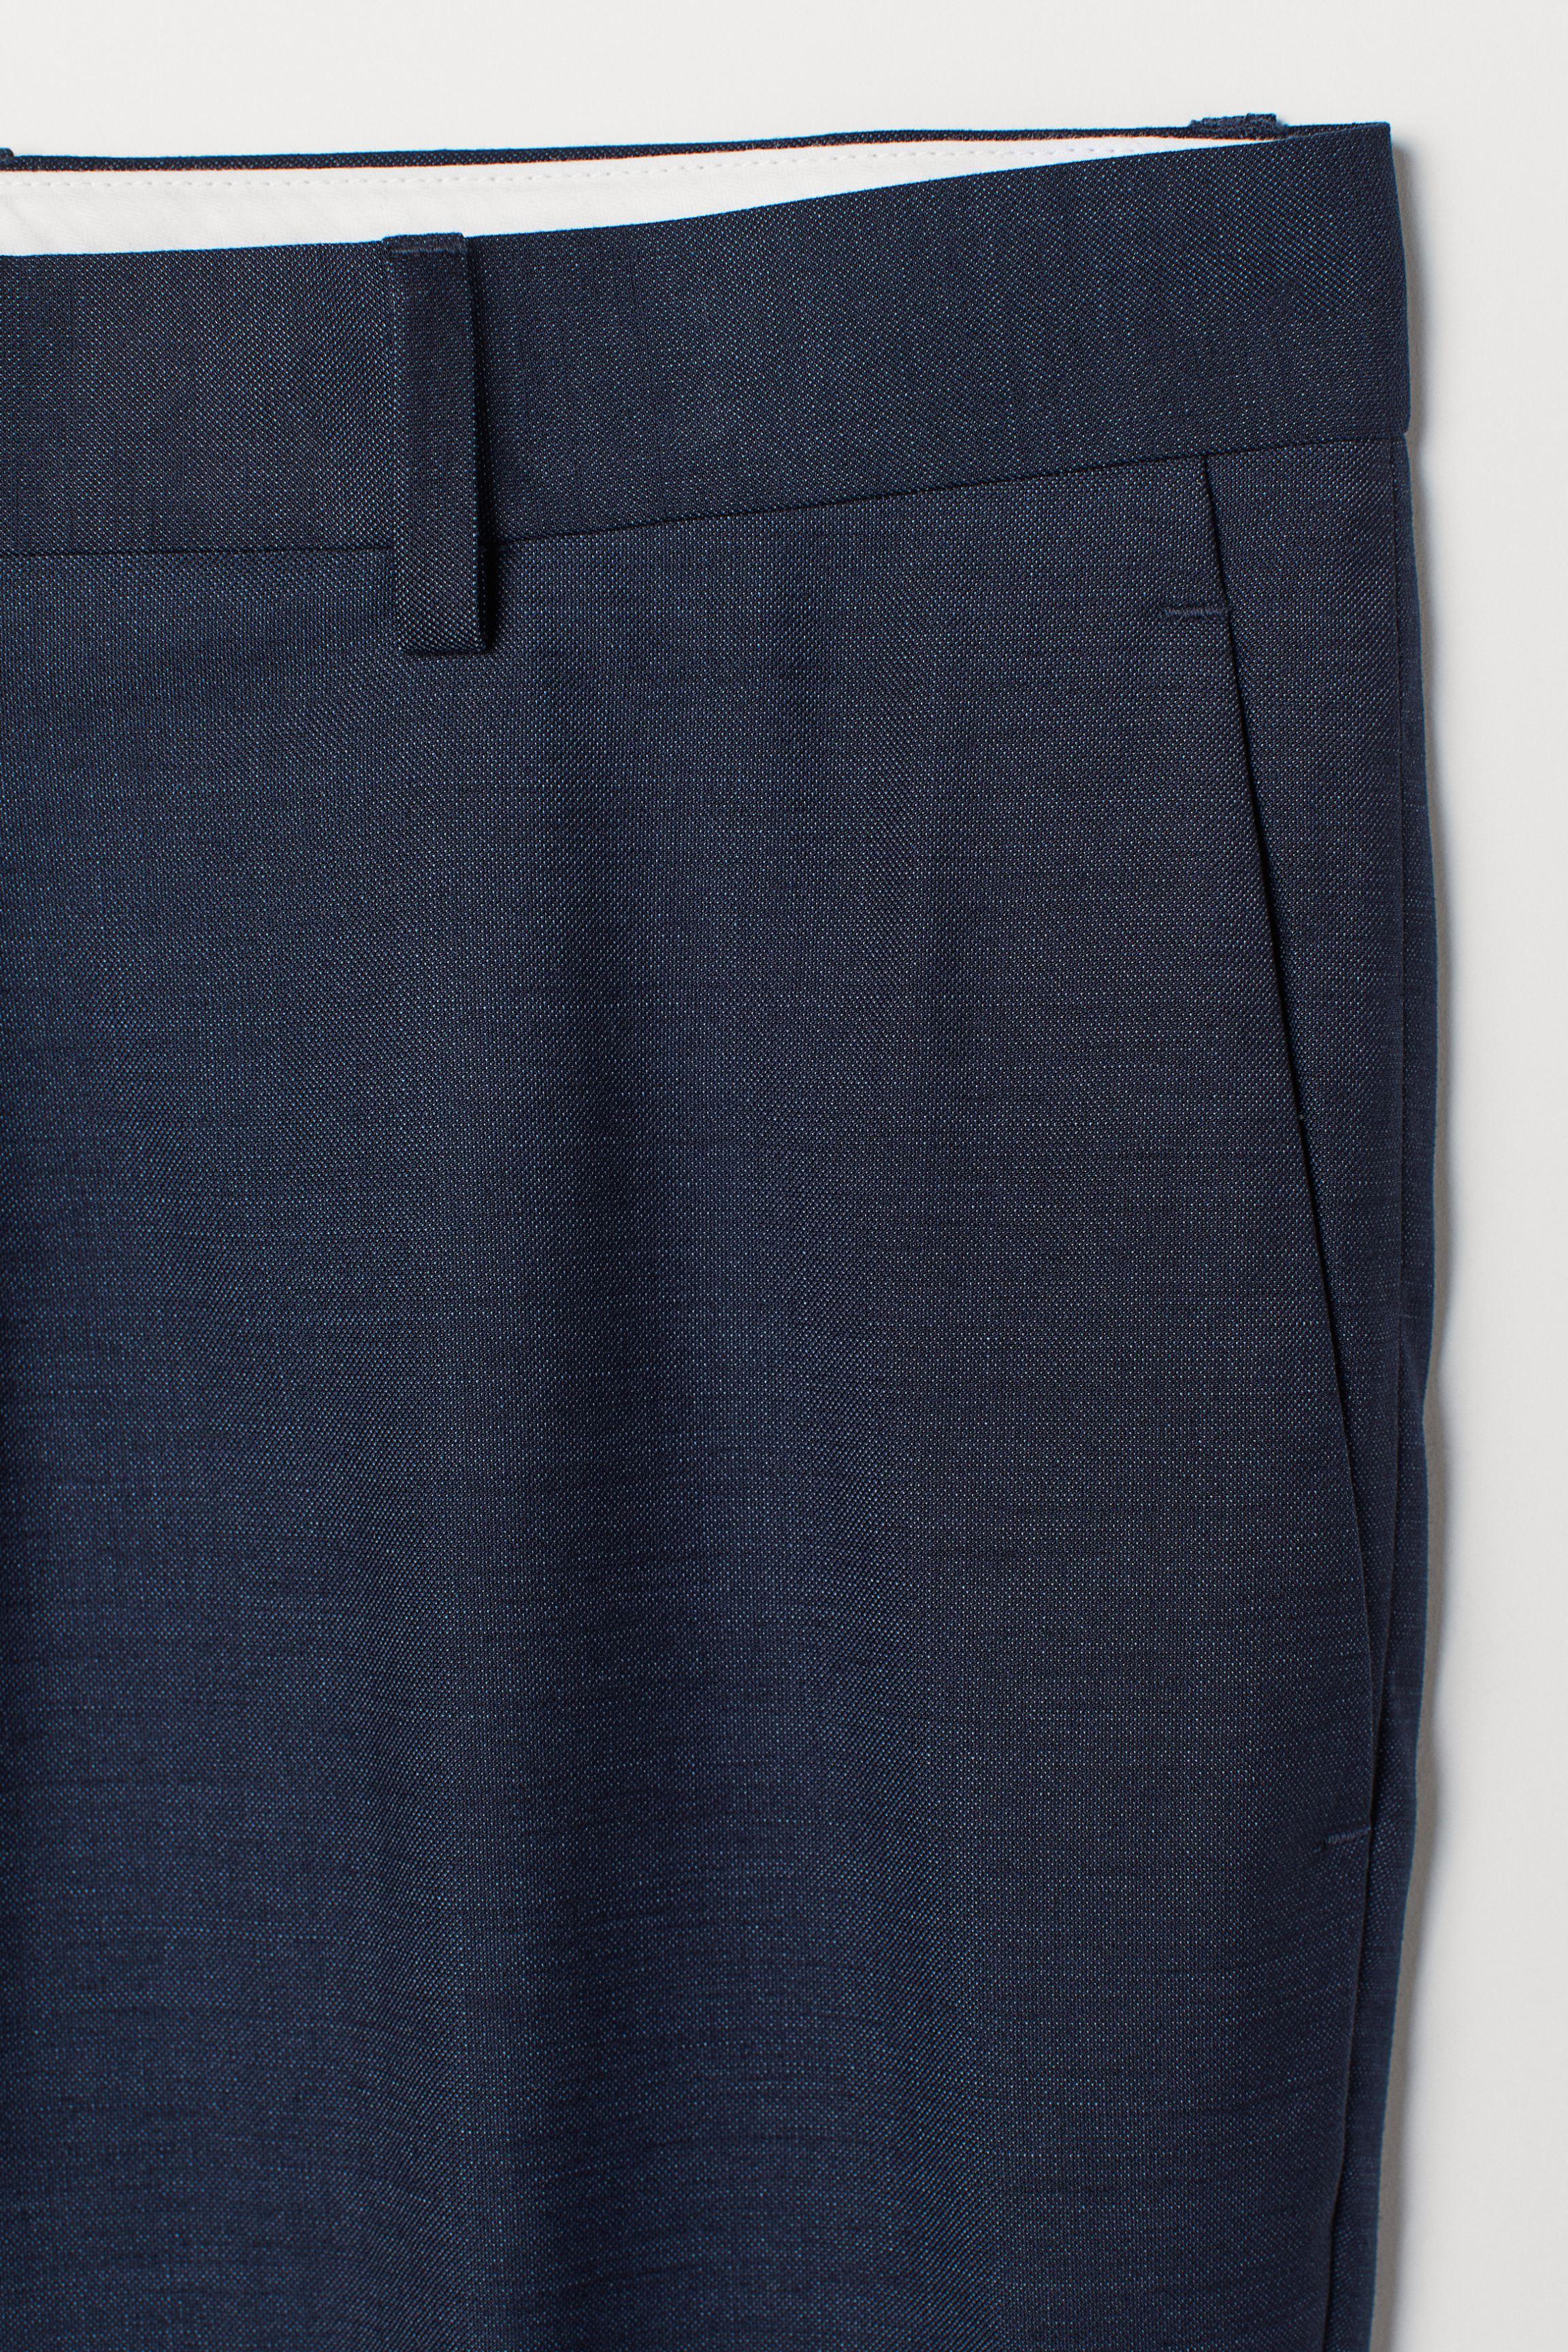 Skinny Fit Suit Pants